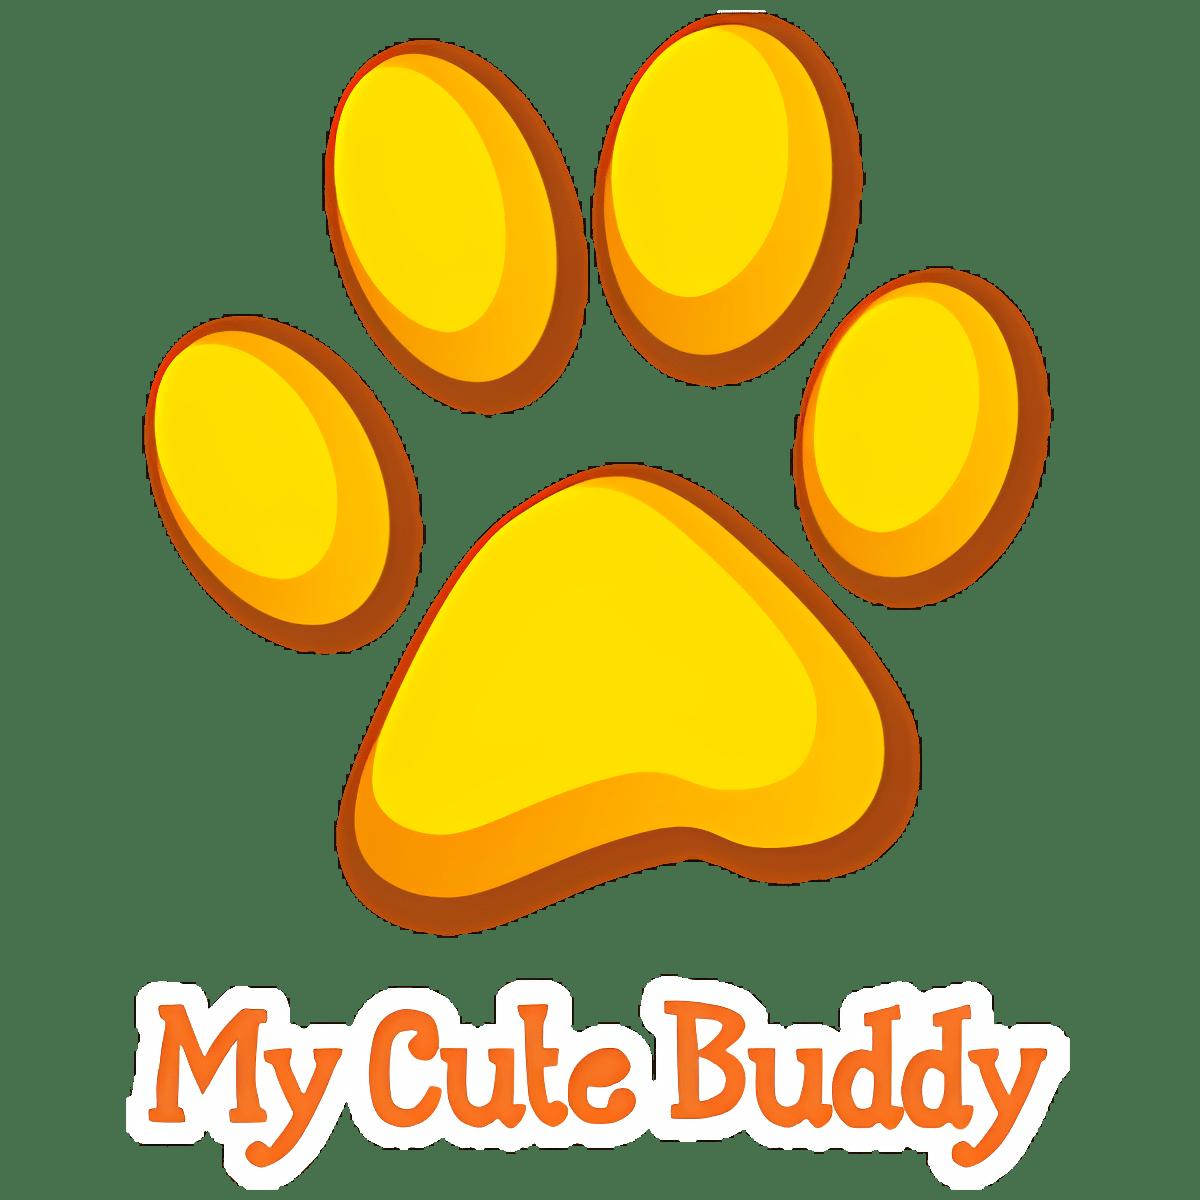 My Cute Buddy